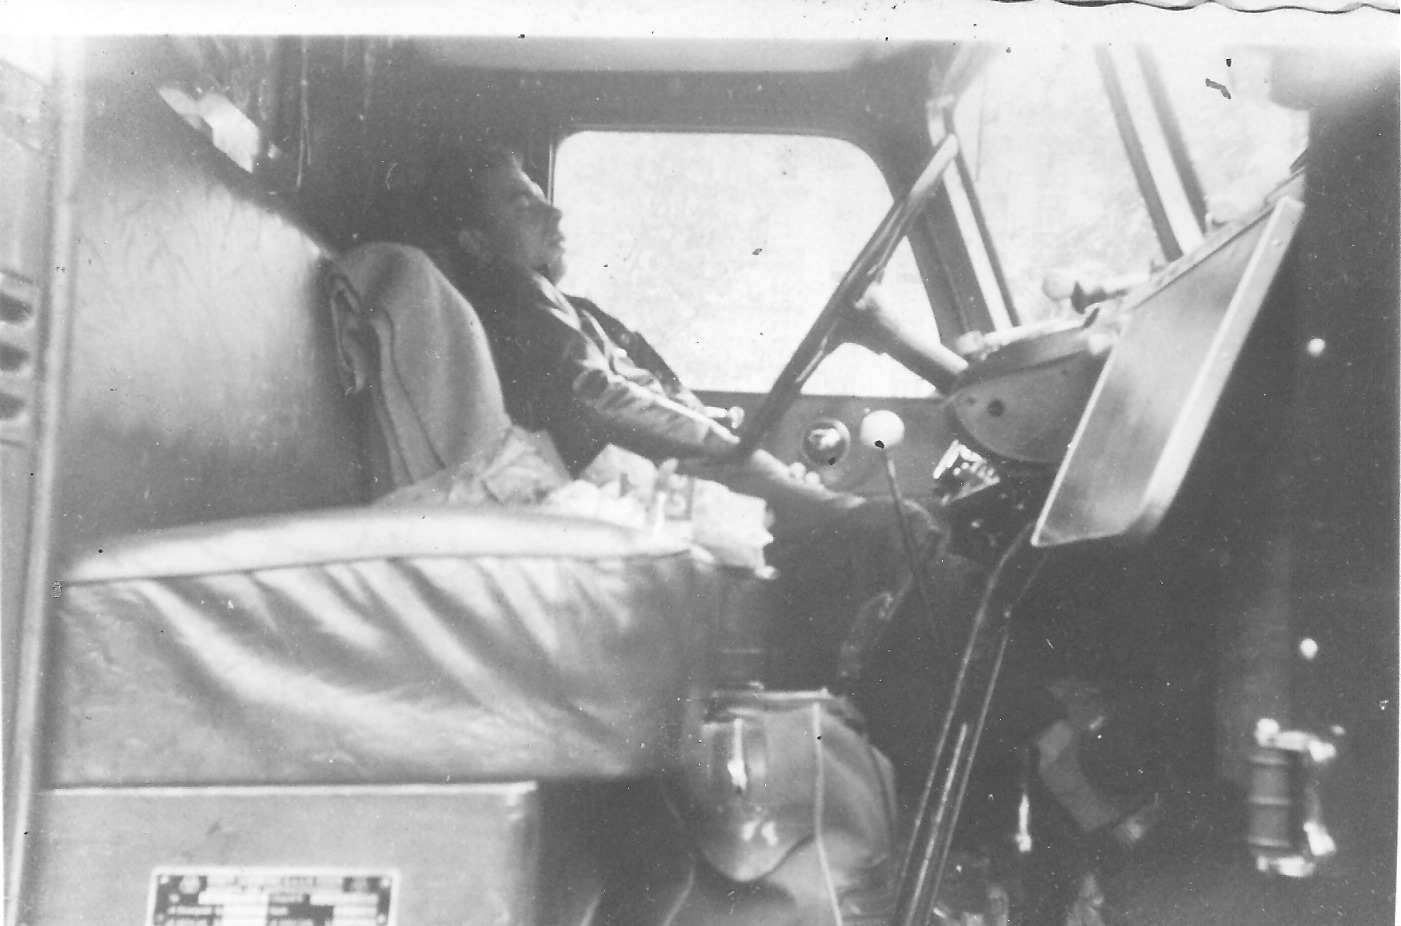 Chauffeur-Schreurs-met-de-Mack-naar-Italie-1954-zo-werd-er-geslapen-onderweg--Carlos-Schreurs-foto